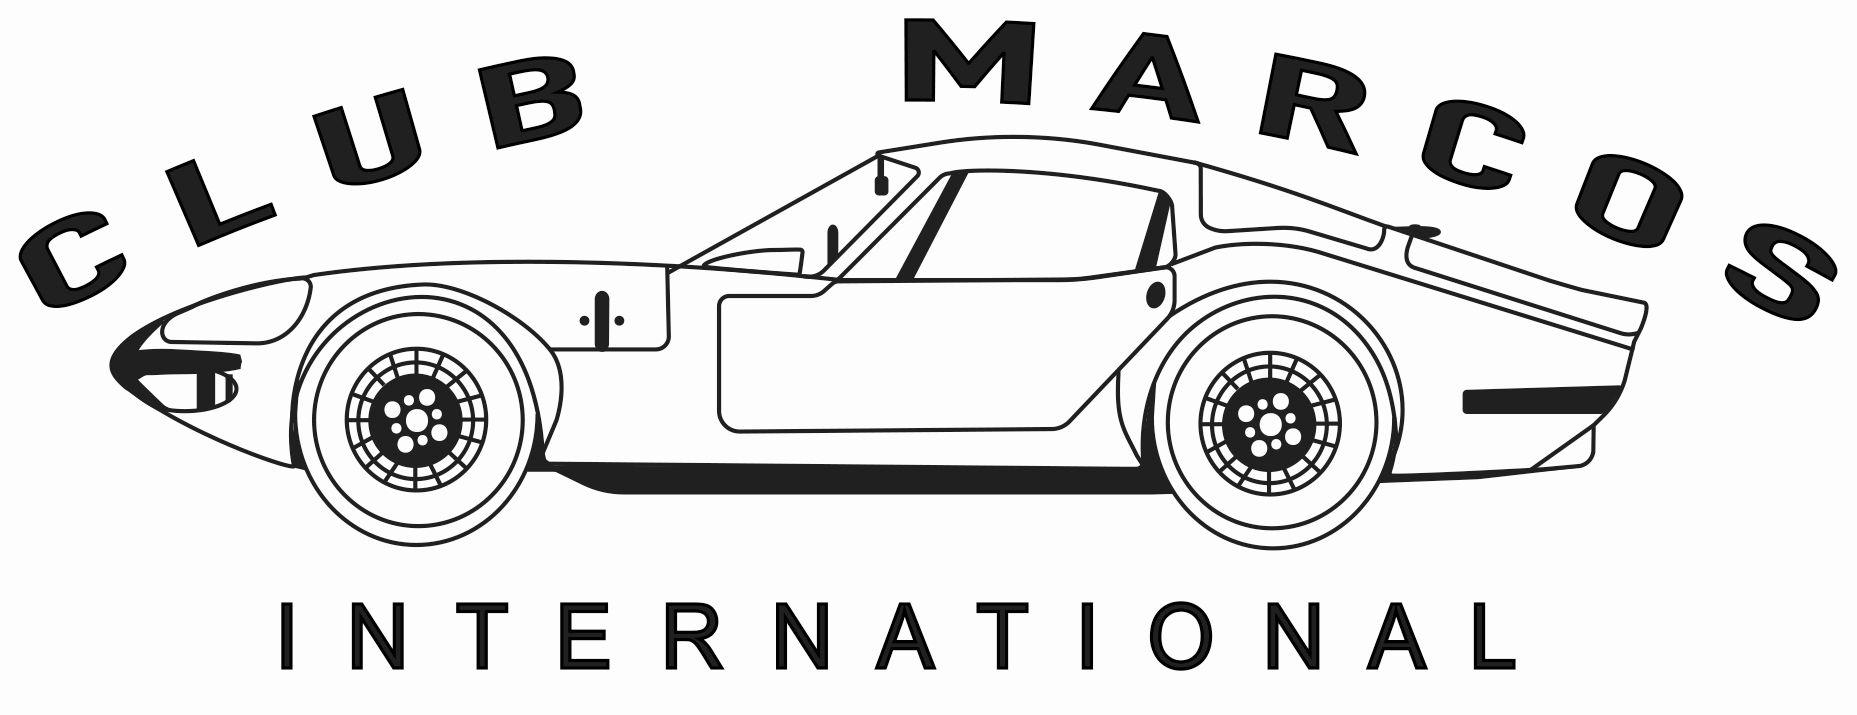 Club Marcos International